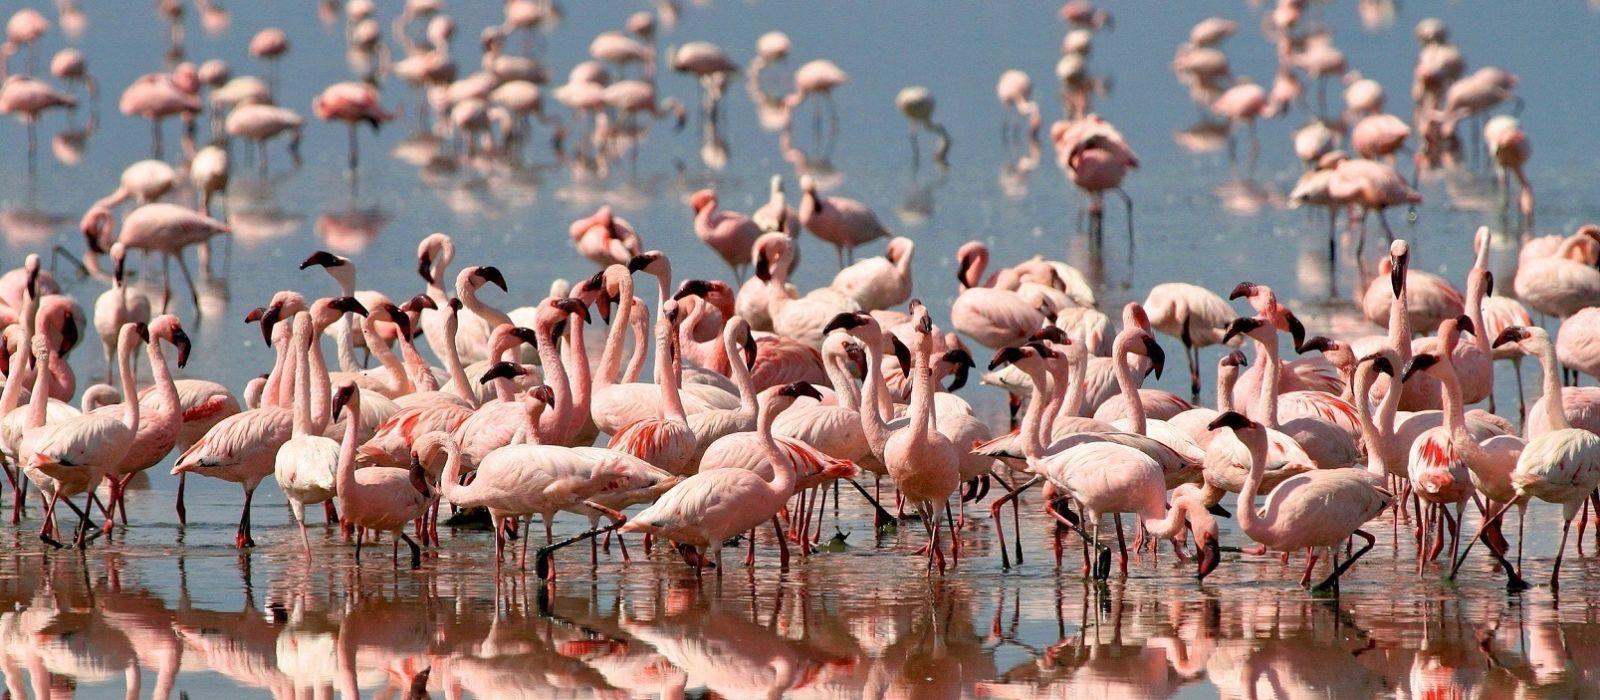 Stilvoll reisen in Tansania & Sansibar Urlaub 2